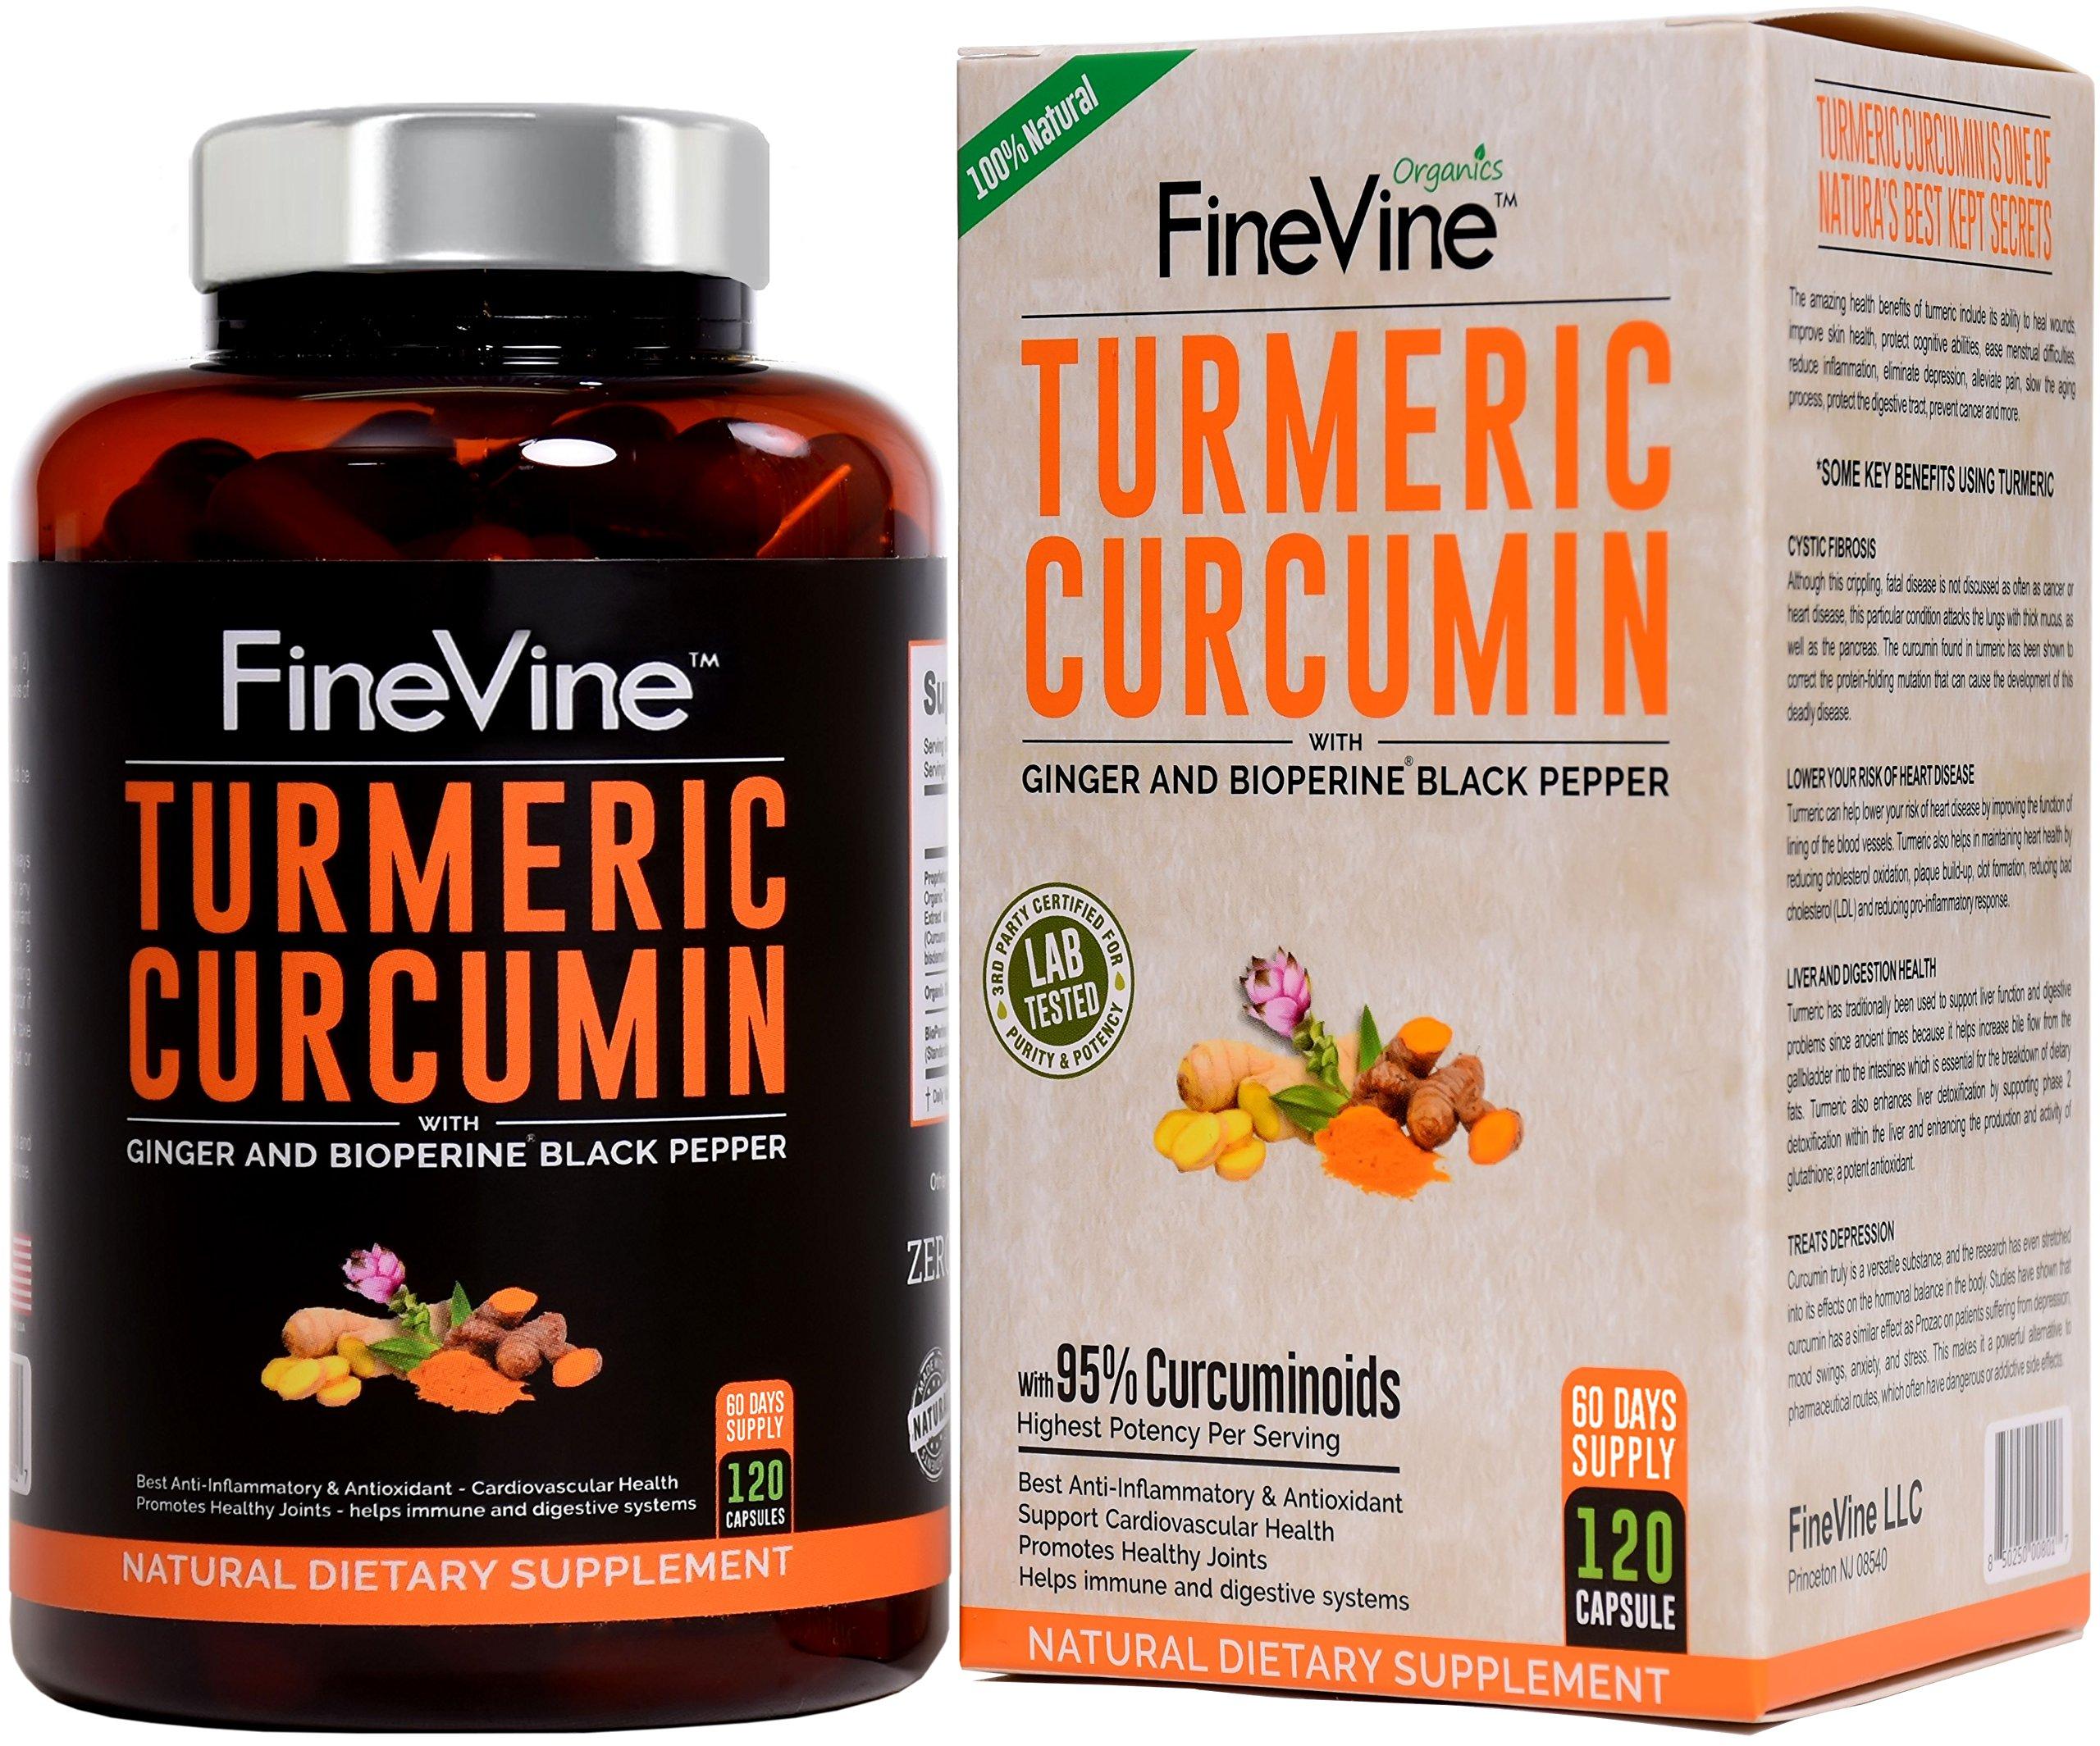 Turmeric Curcumin BioPerine Pepper Ginger